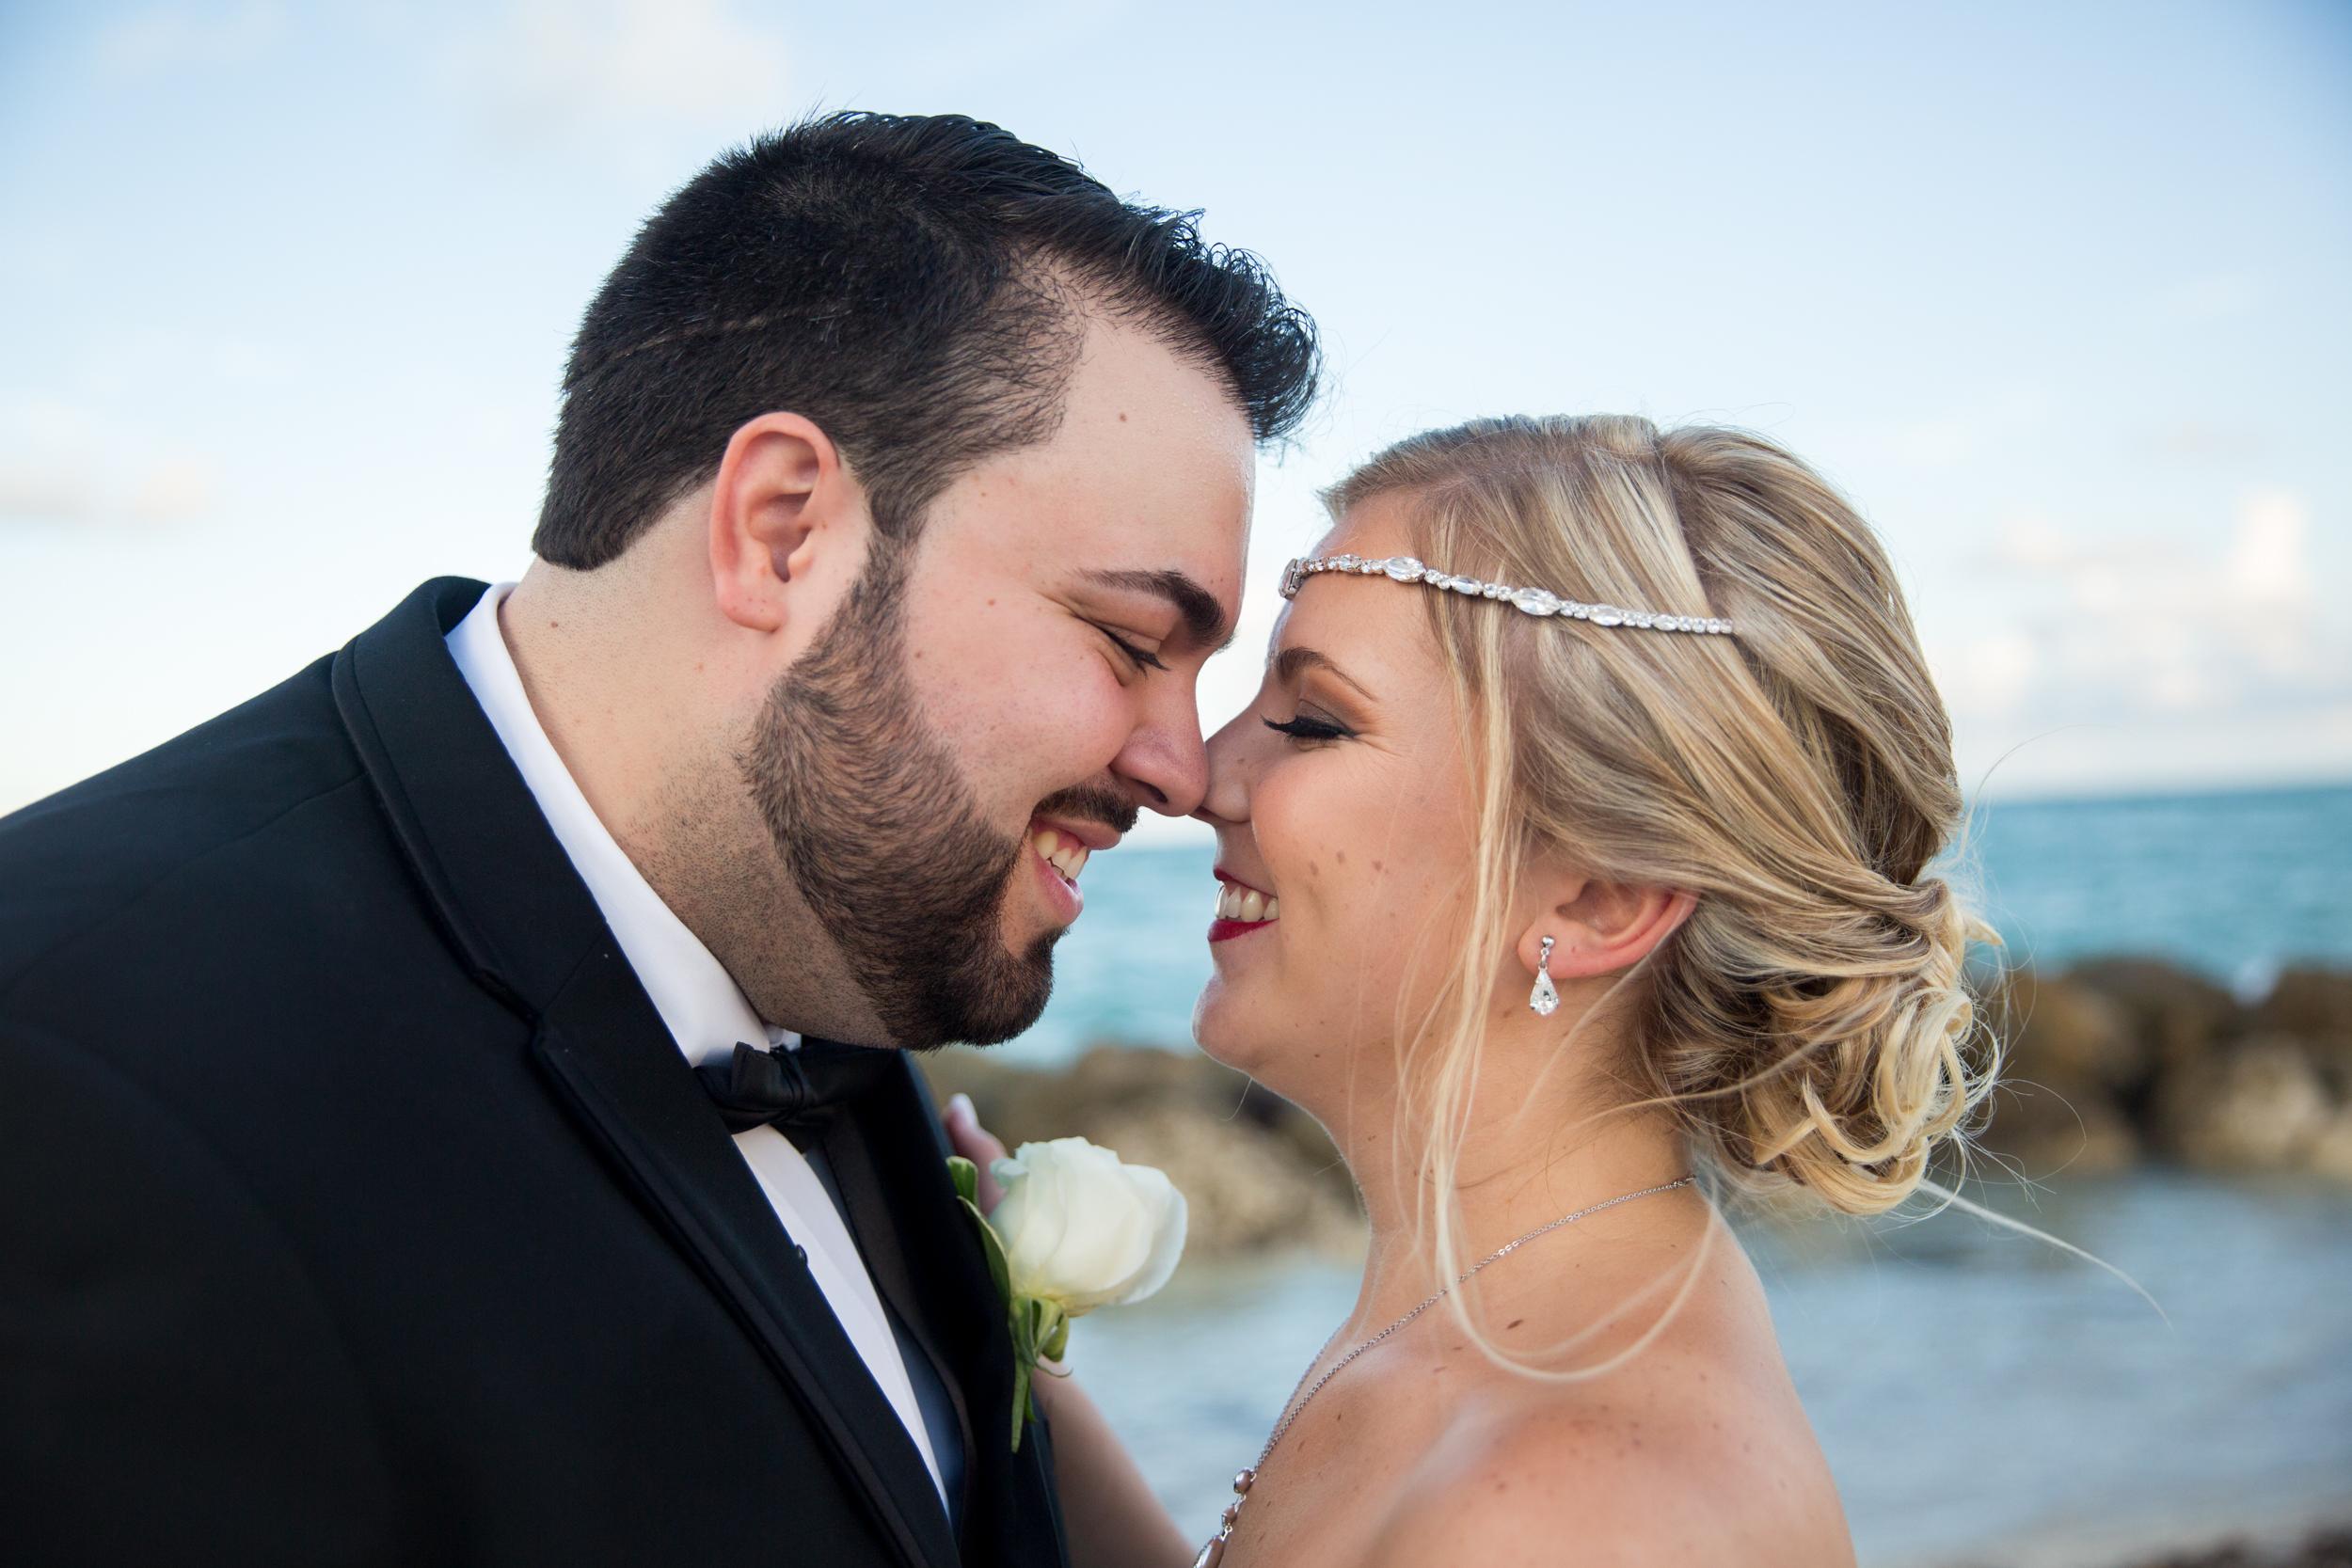 10-14-17_AshleyRichard_Wedding-104.jpg